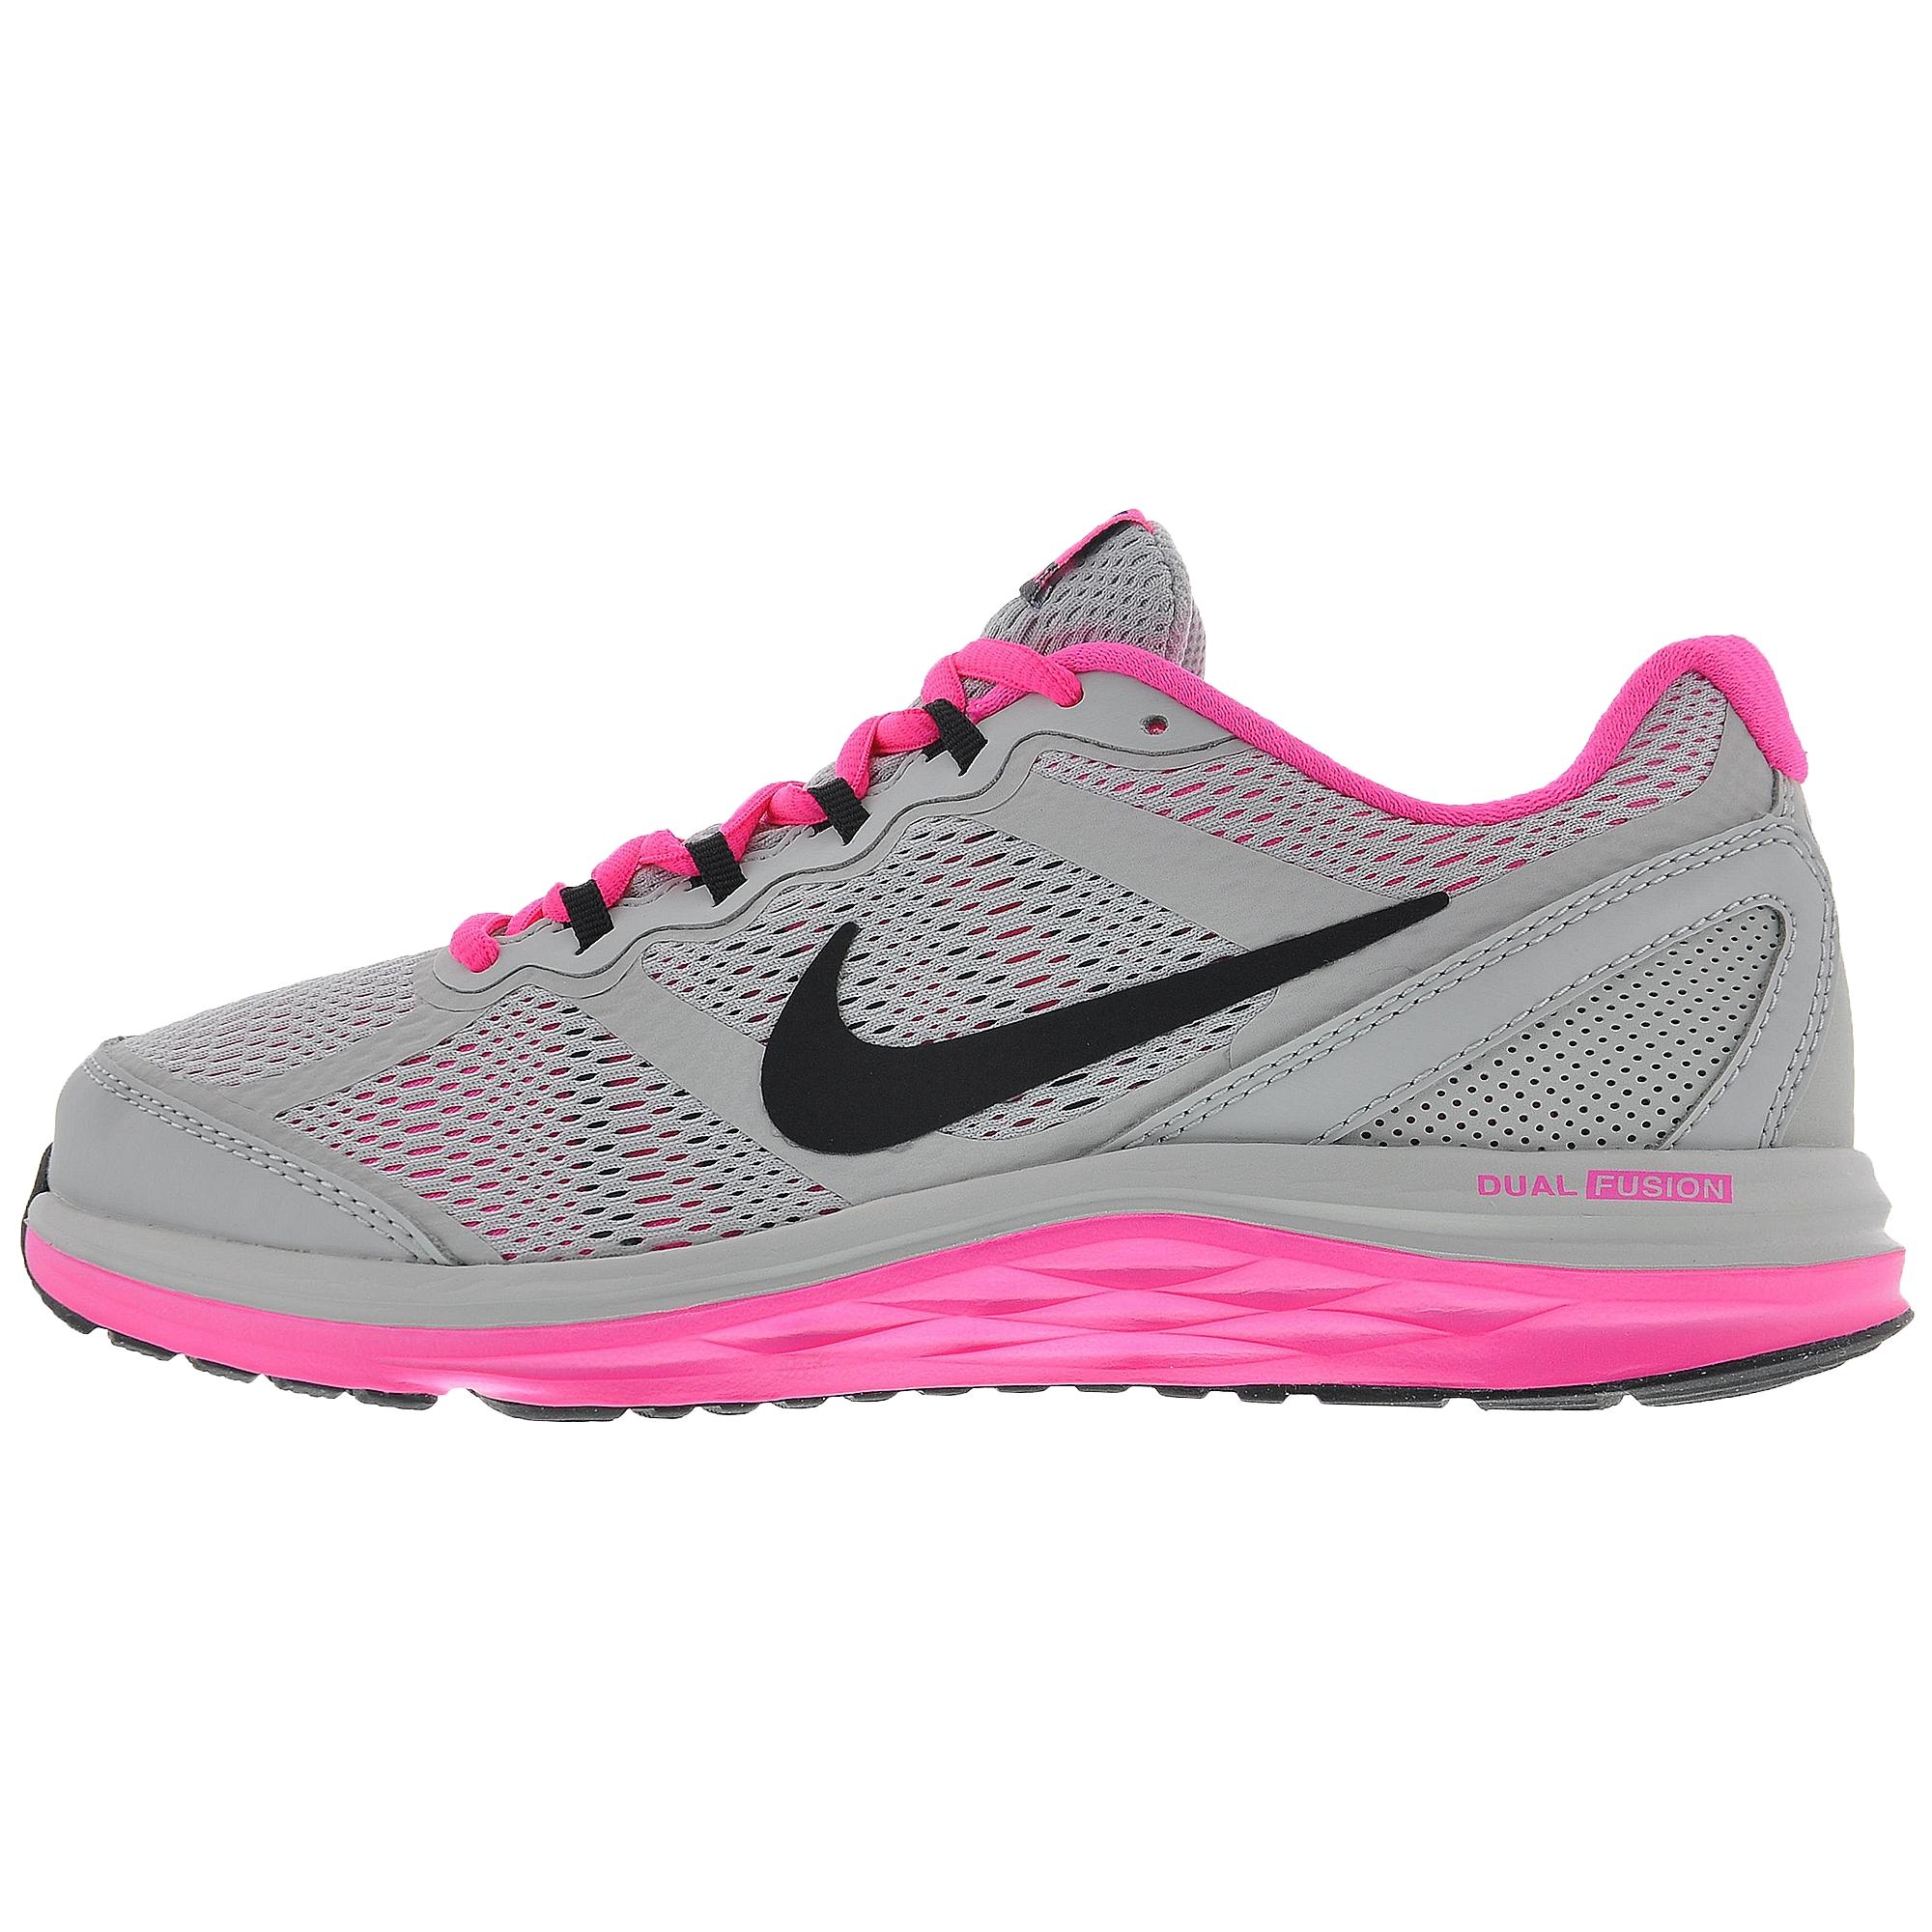 Nike Dual Fusion Run 3 Msl Kadın Spor Ayakkabı  654446-012 - Barcin.com 36dcd7db53140